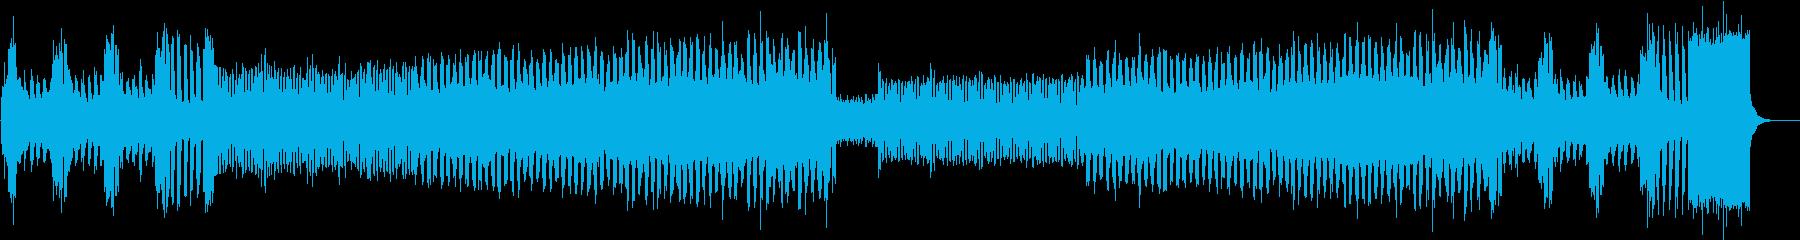 ピアノイントロ、キラキラしたJPOP風dの再生済みの波形